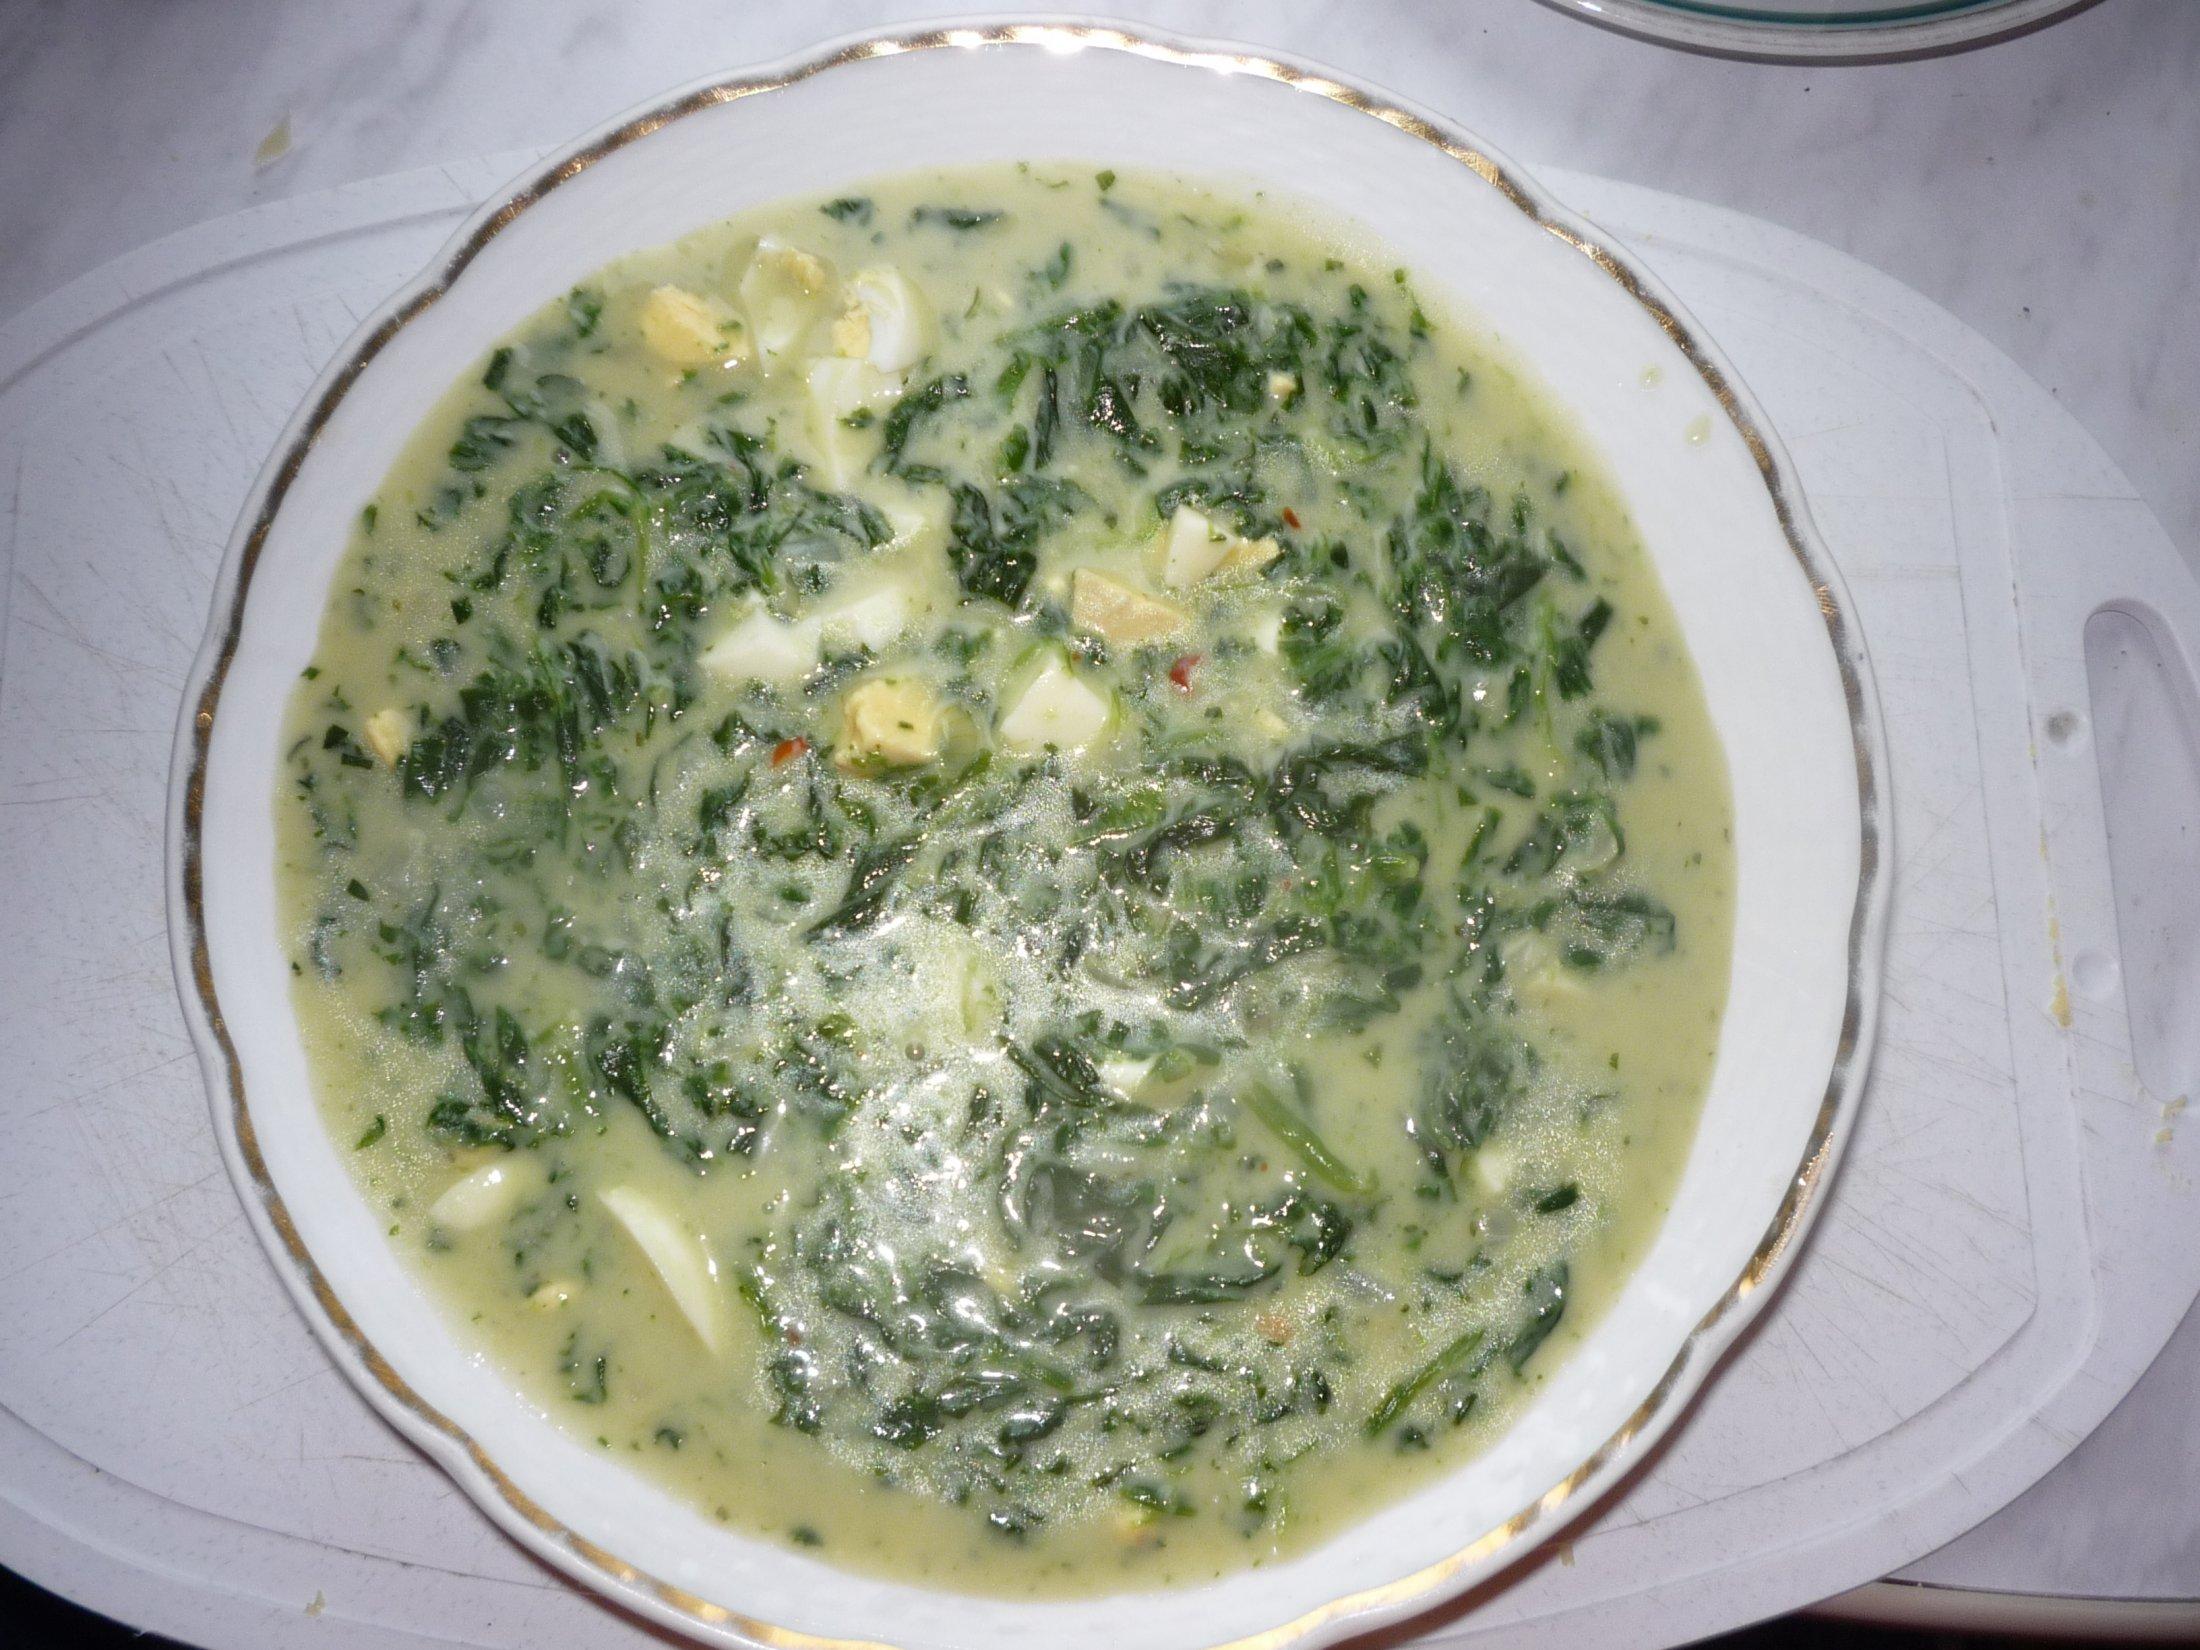 Špenátová polévka se smetanou a vejci